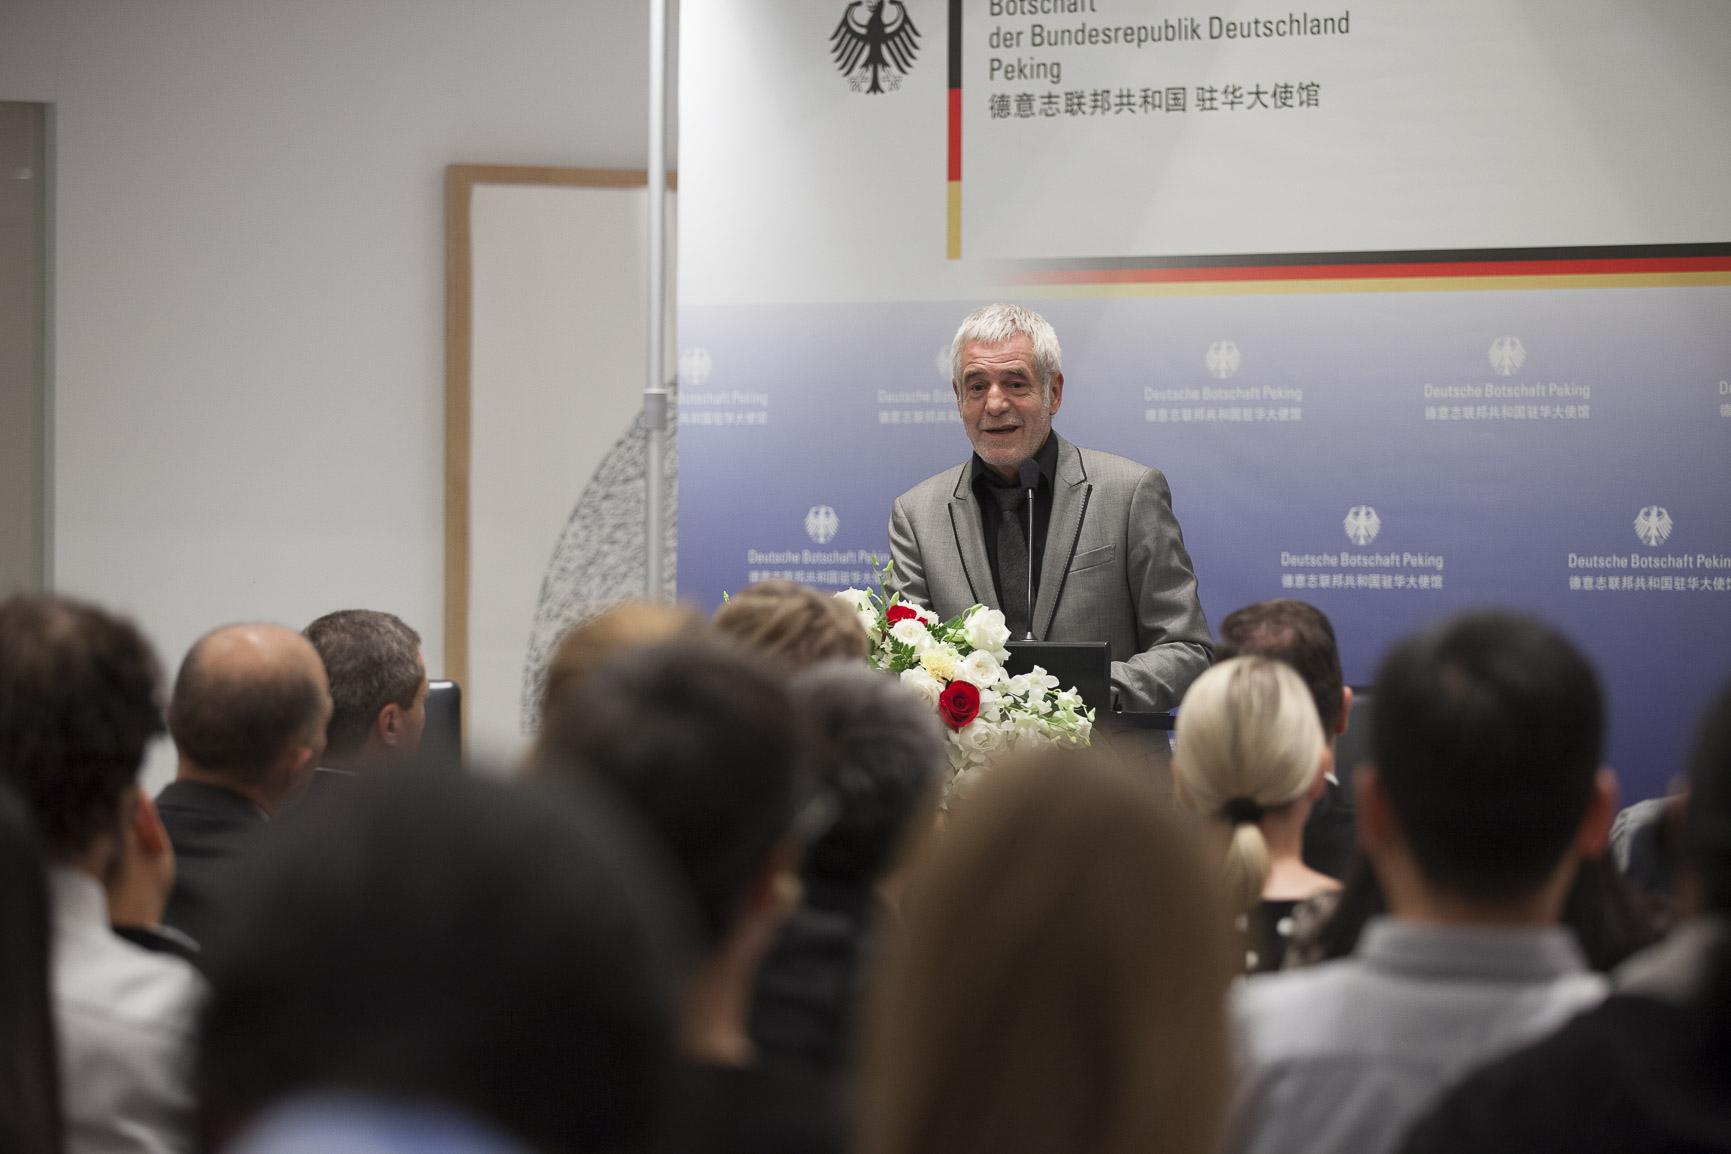 Nax went China – Deutsche Botschaft